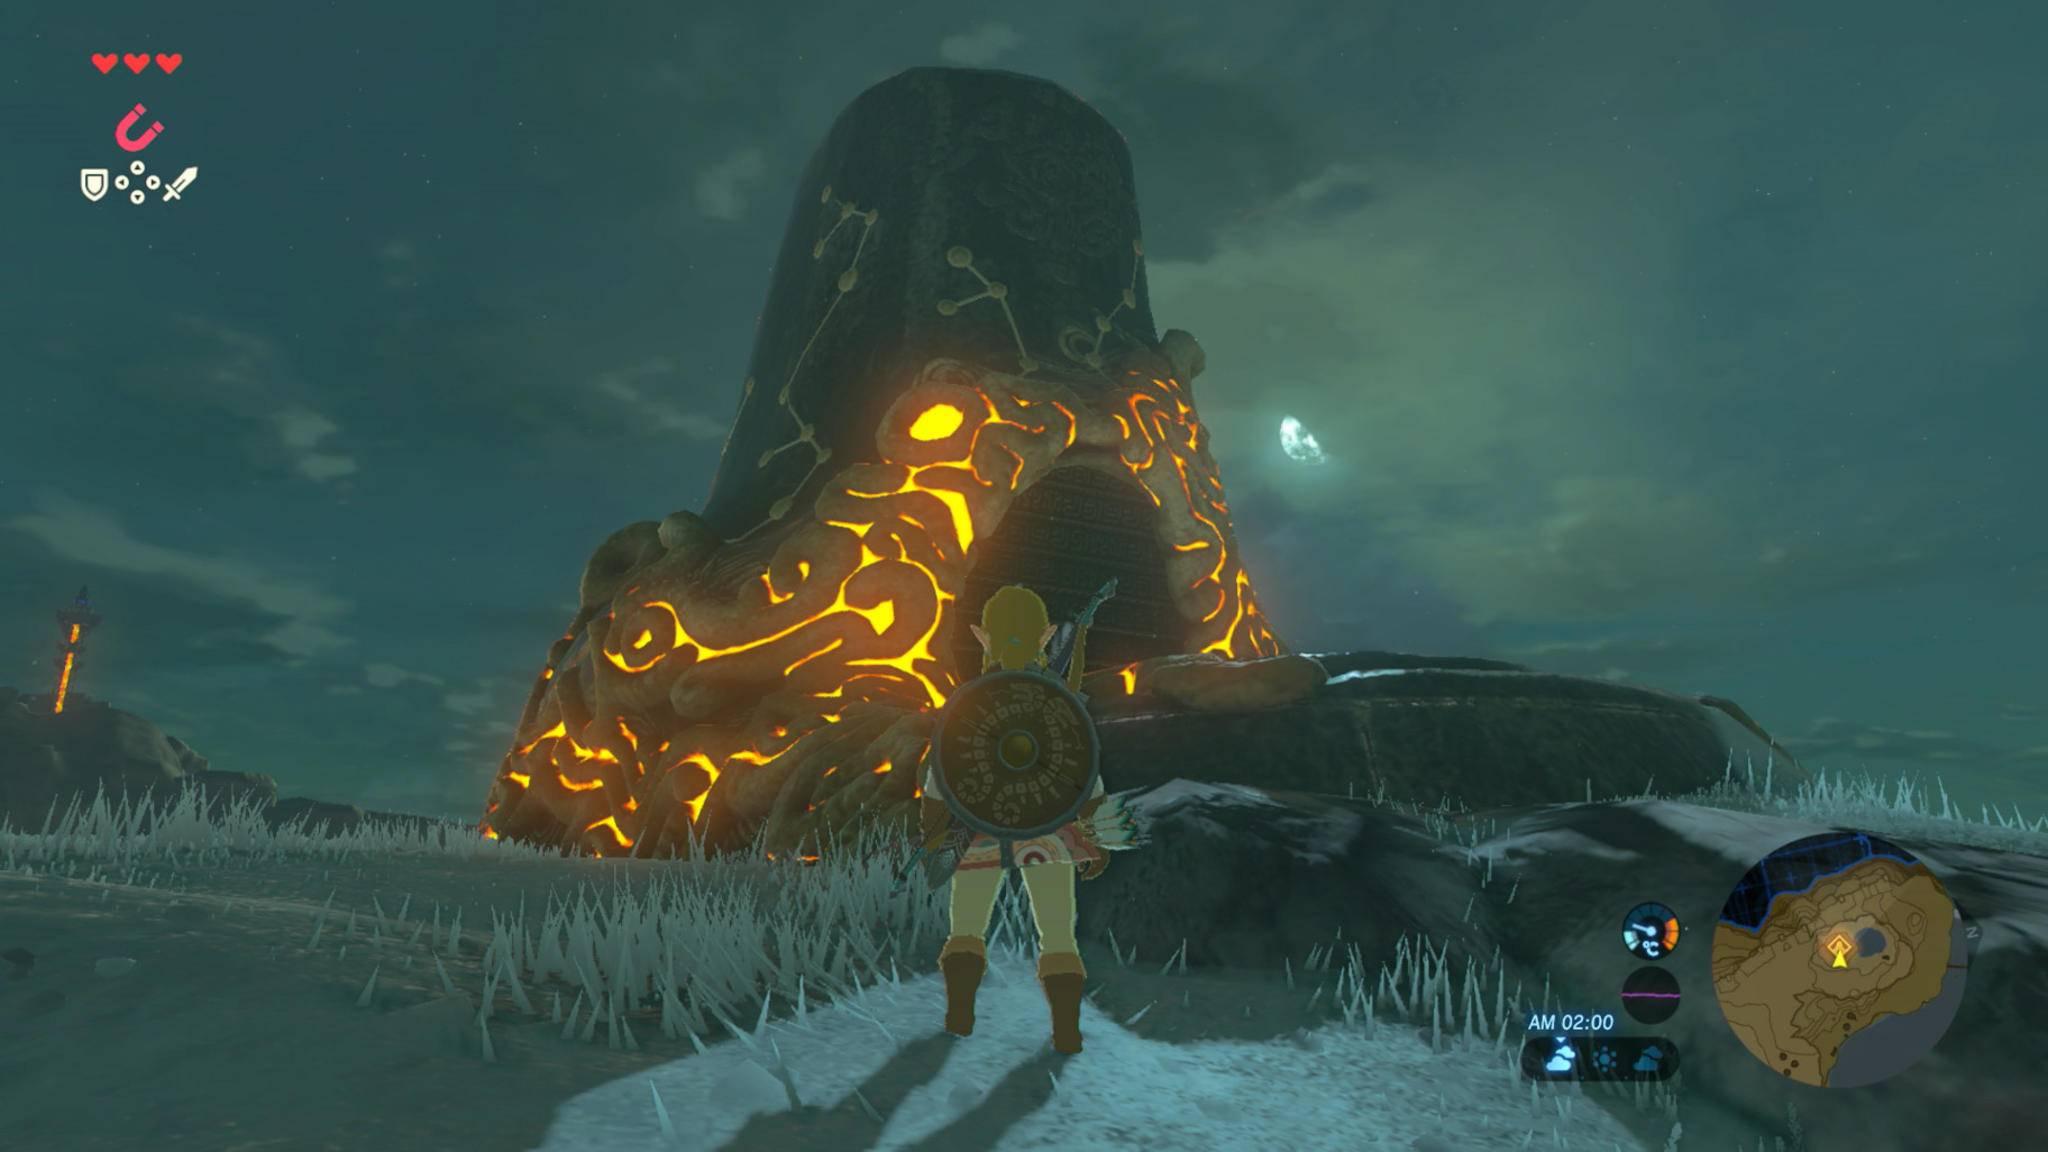 """Nintendo veröffentlicht eine Doku über """"The Legend of Zelda: Breath of the Wild""""."""